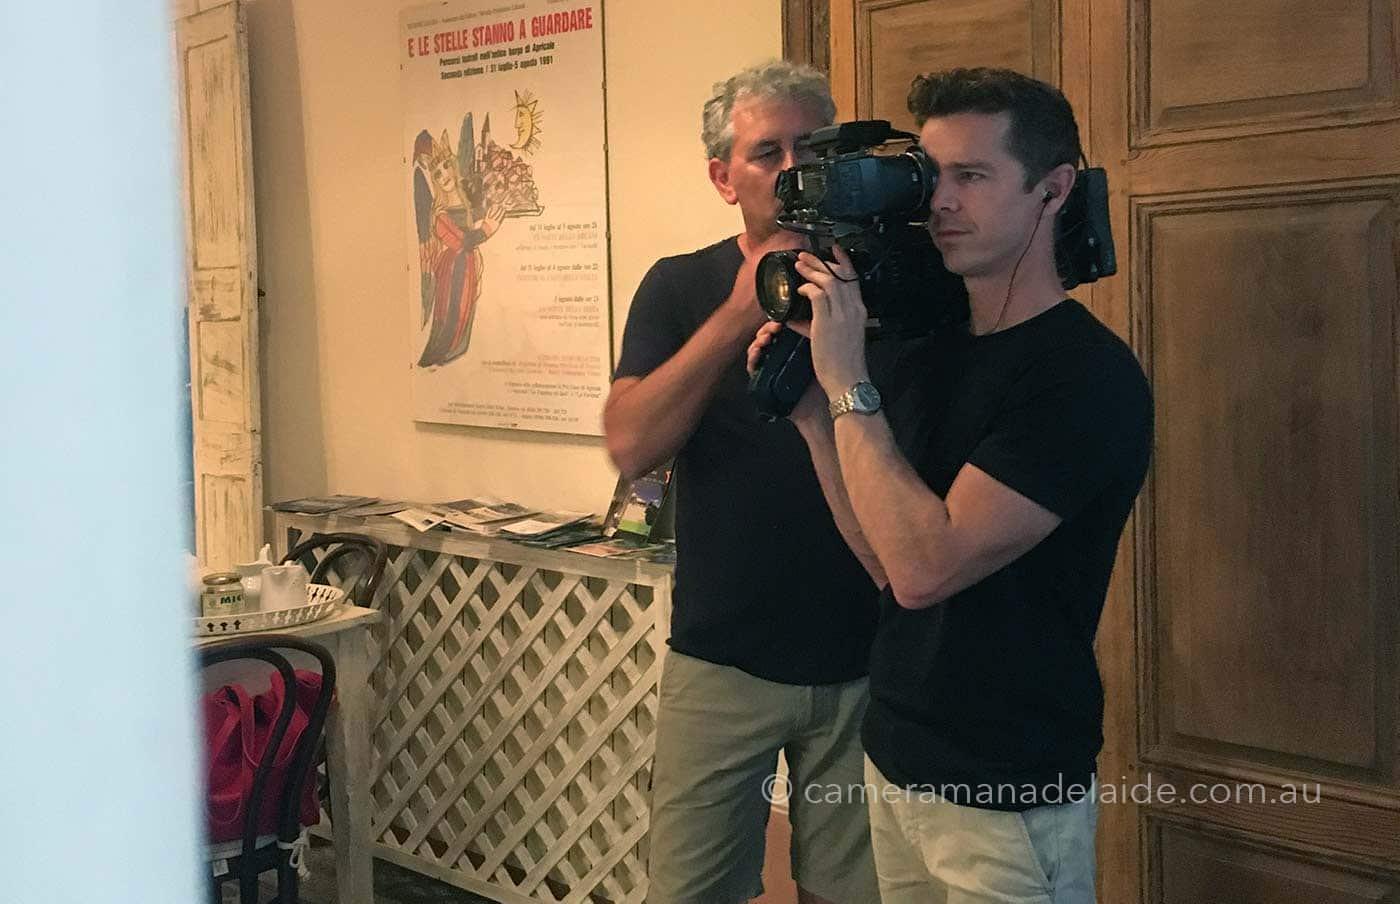 Paul_moses_filming